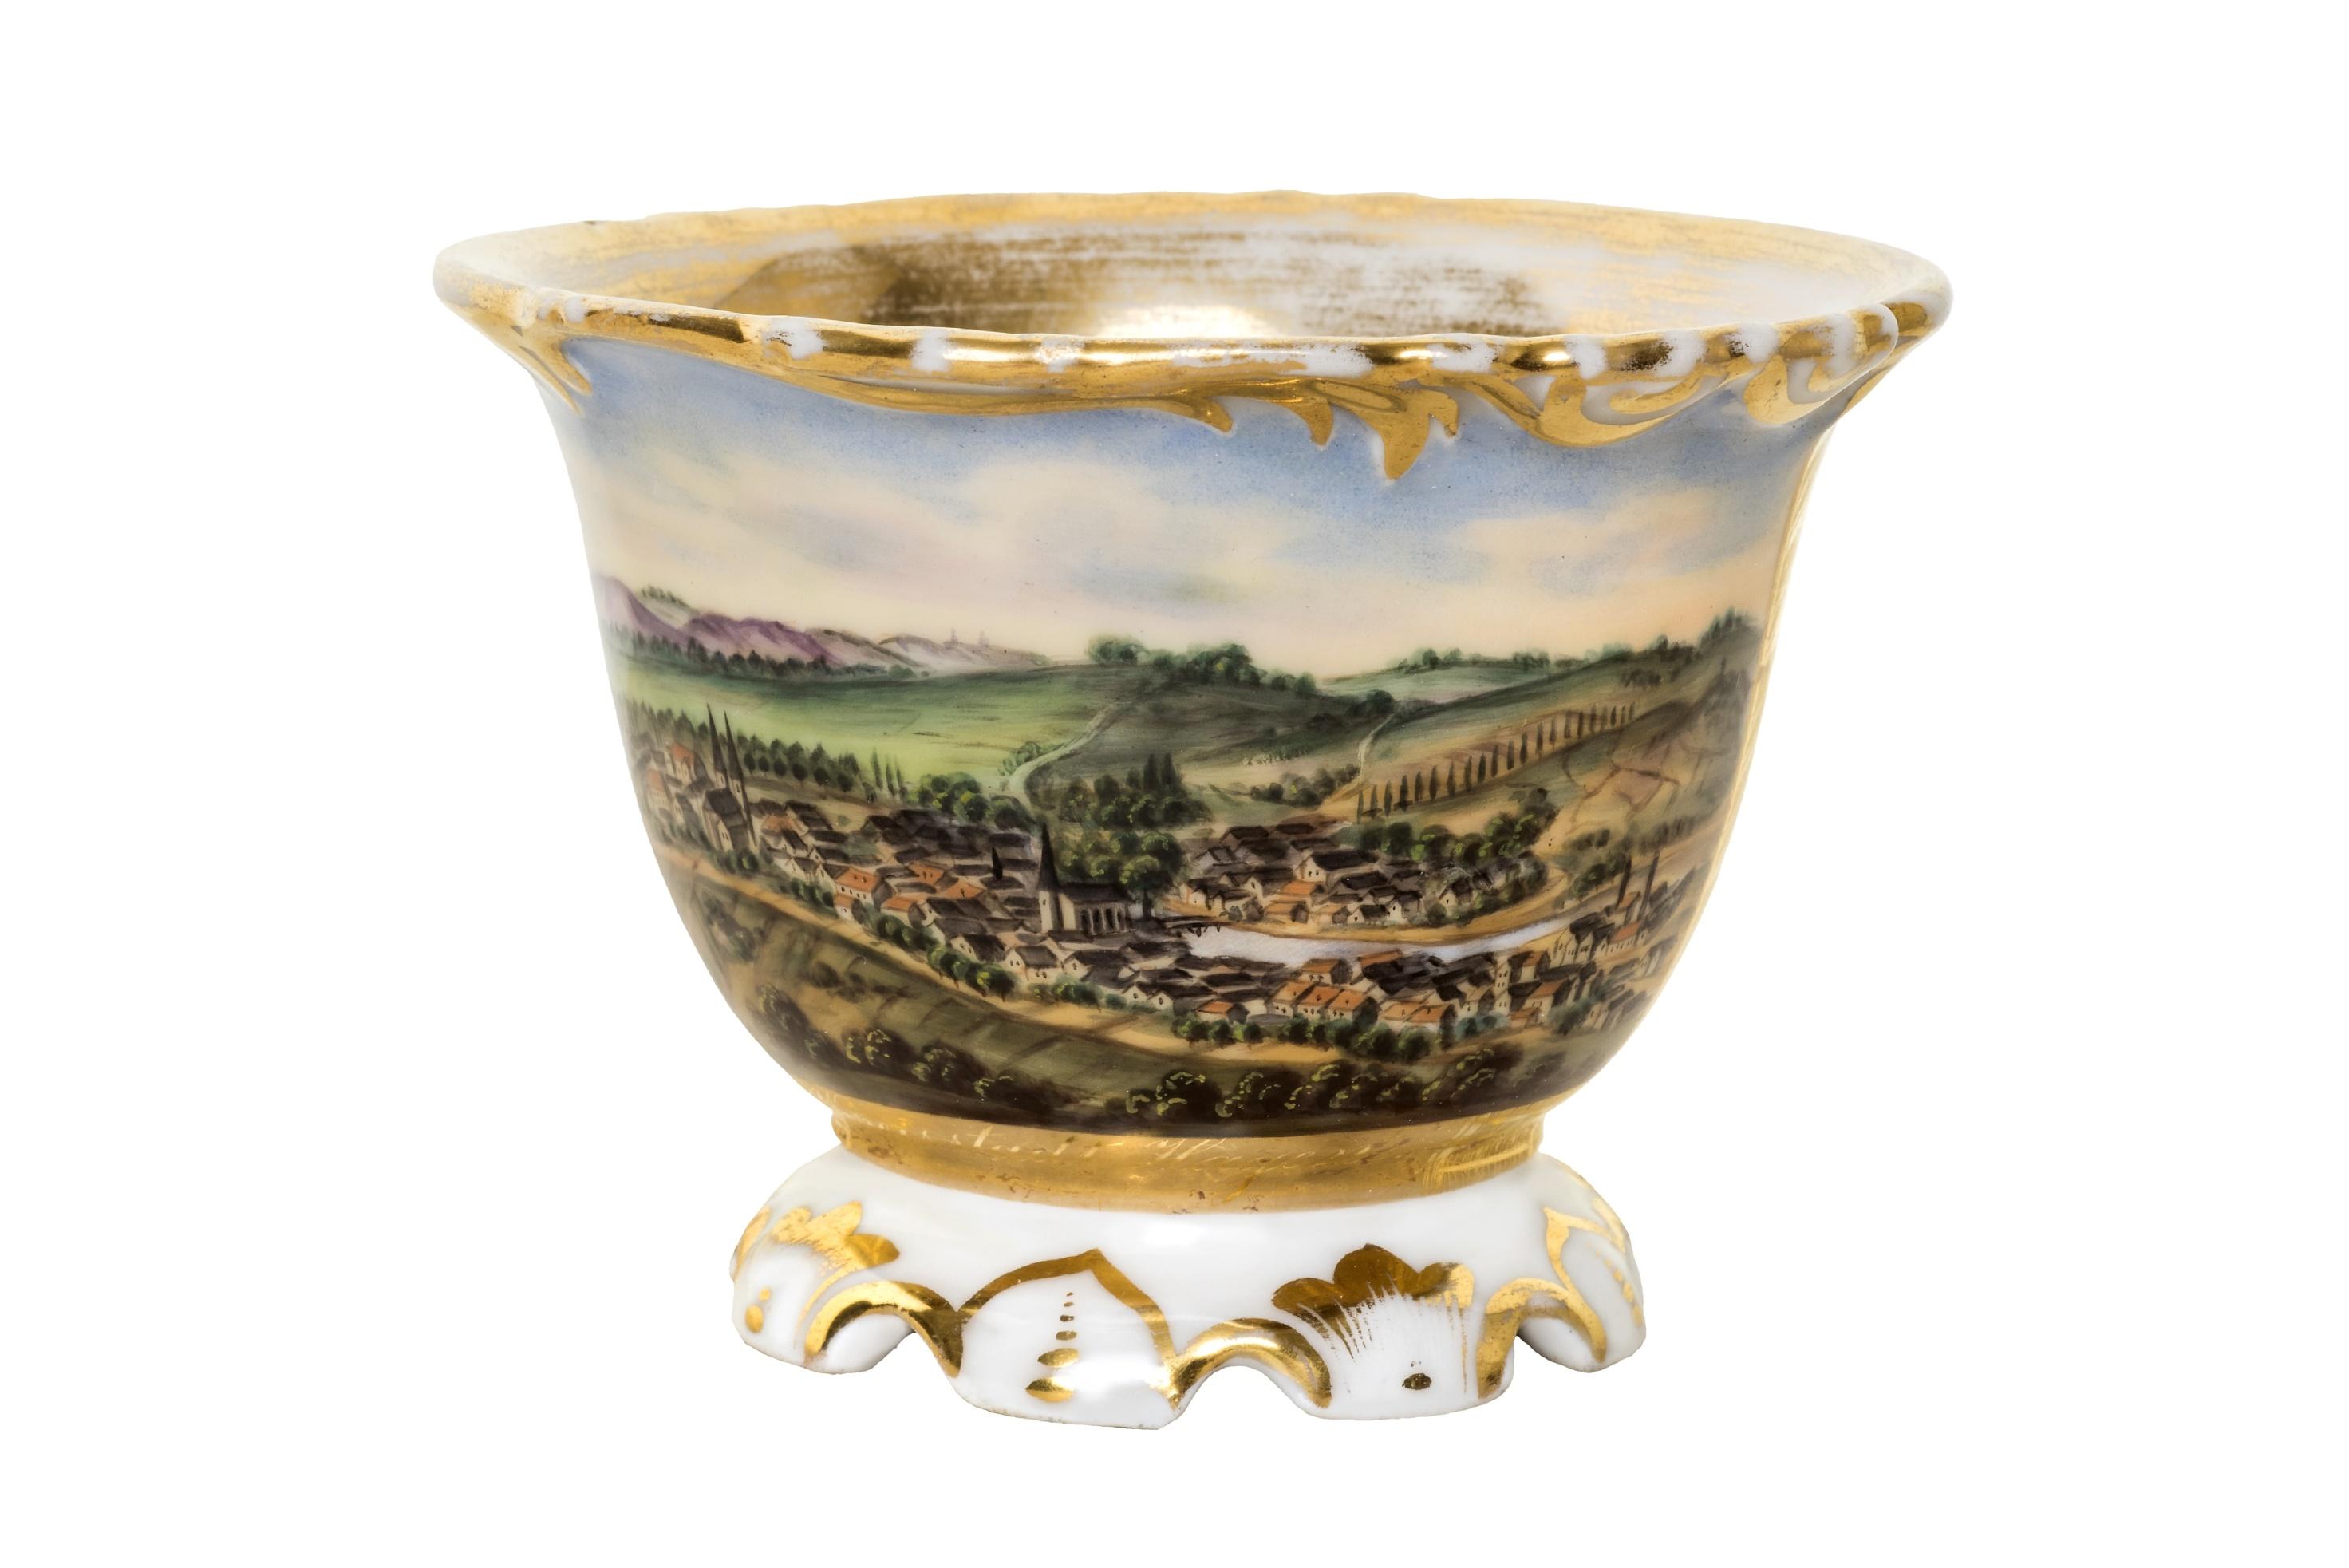 Historische Tasse mit Panorama der Stadt Hagen